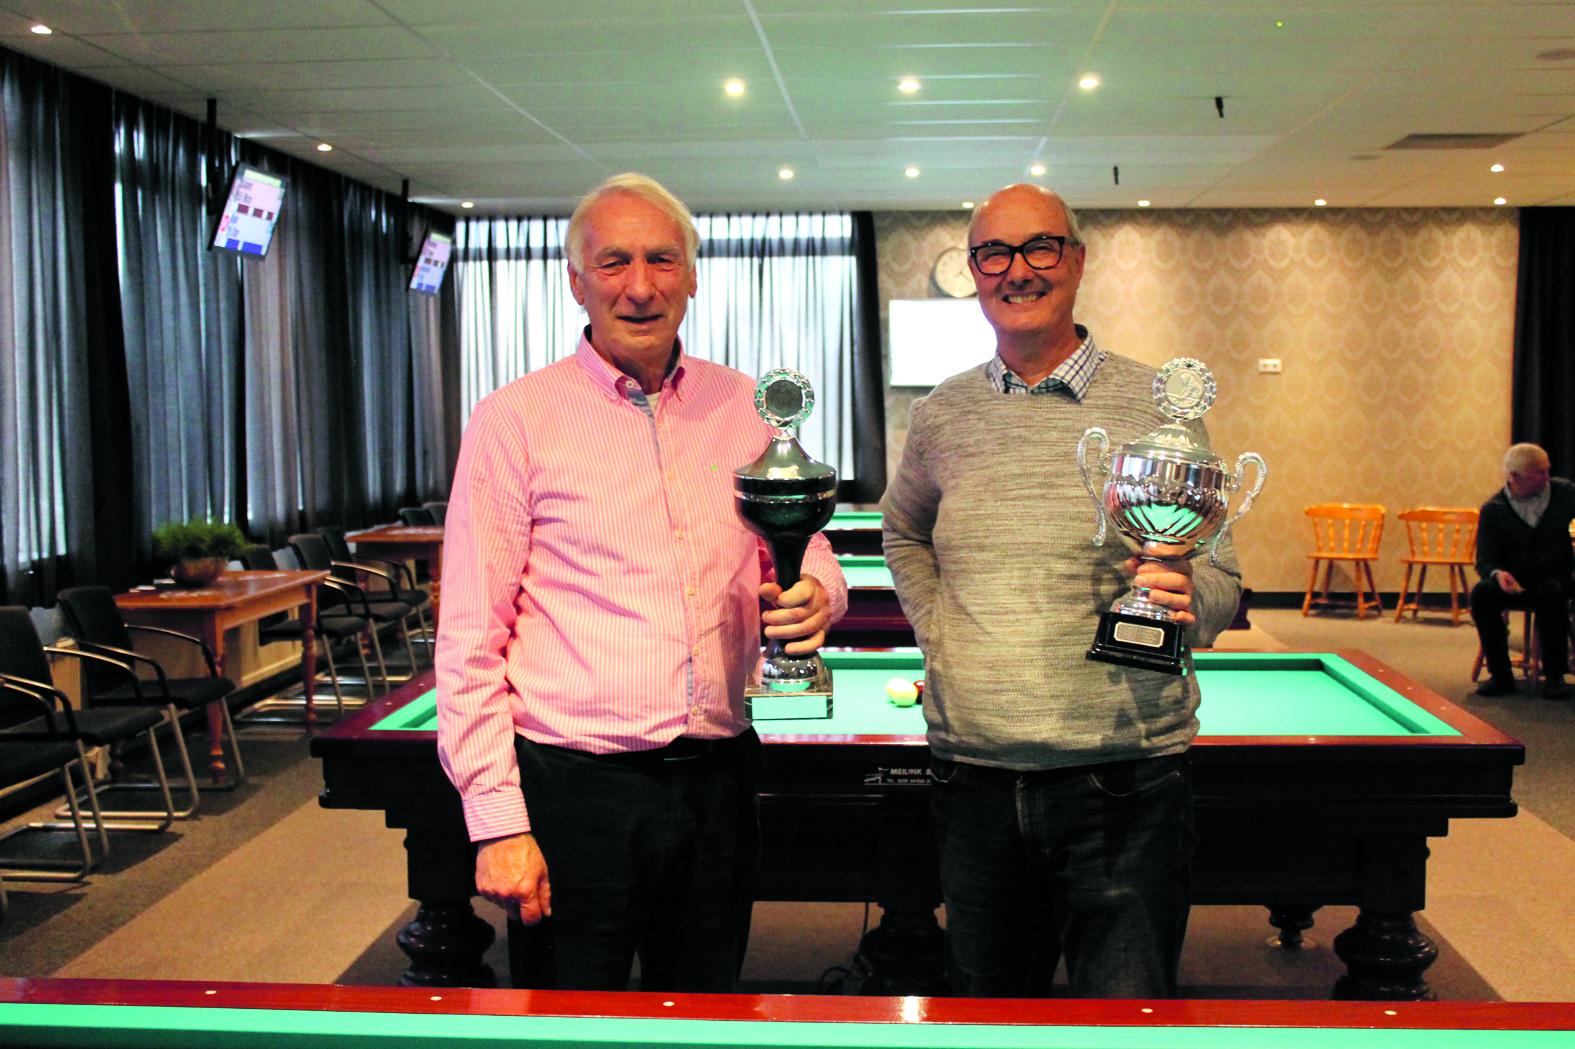 Links op de foto Henk Holthuis (librekampioen) en rechts Hans Kos (bandstootkampioen). (Foto: aangeleverd)